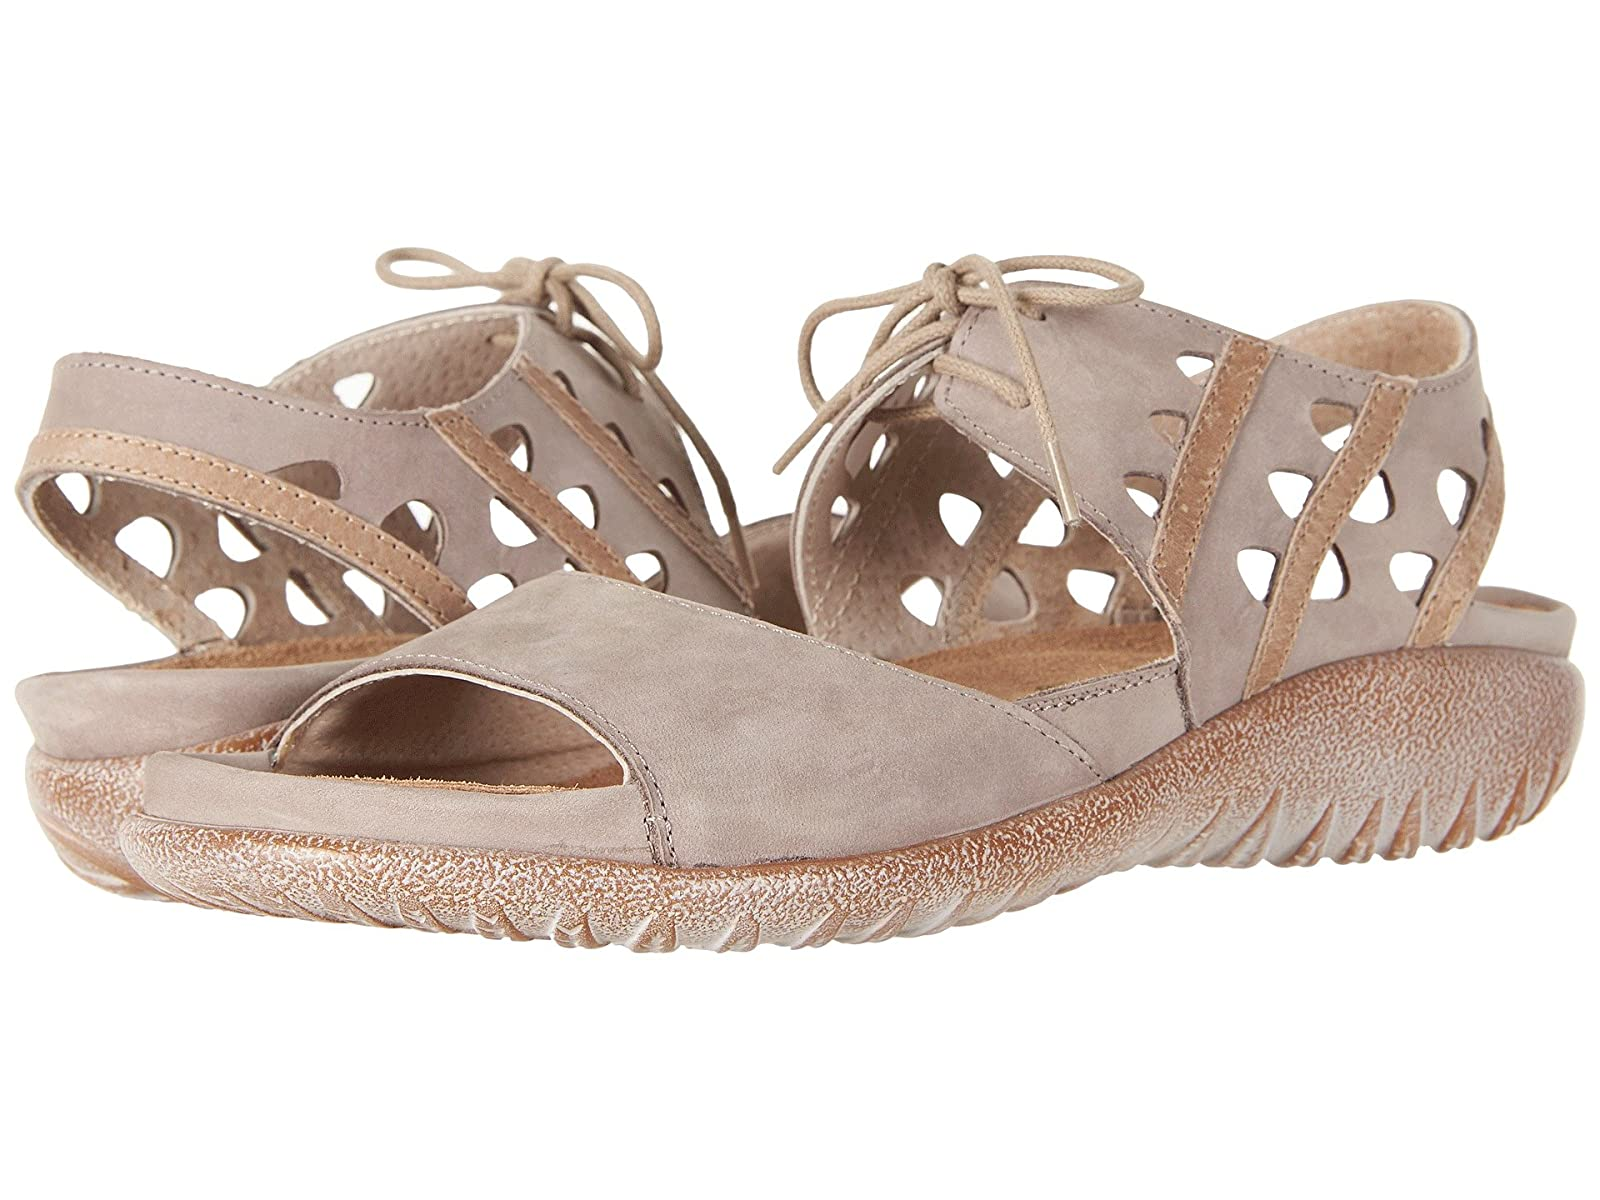 Naot MangereAtmospheric grades have affordable shoes